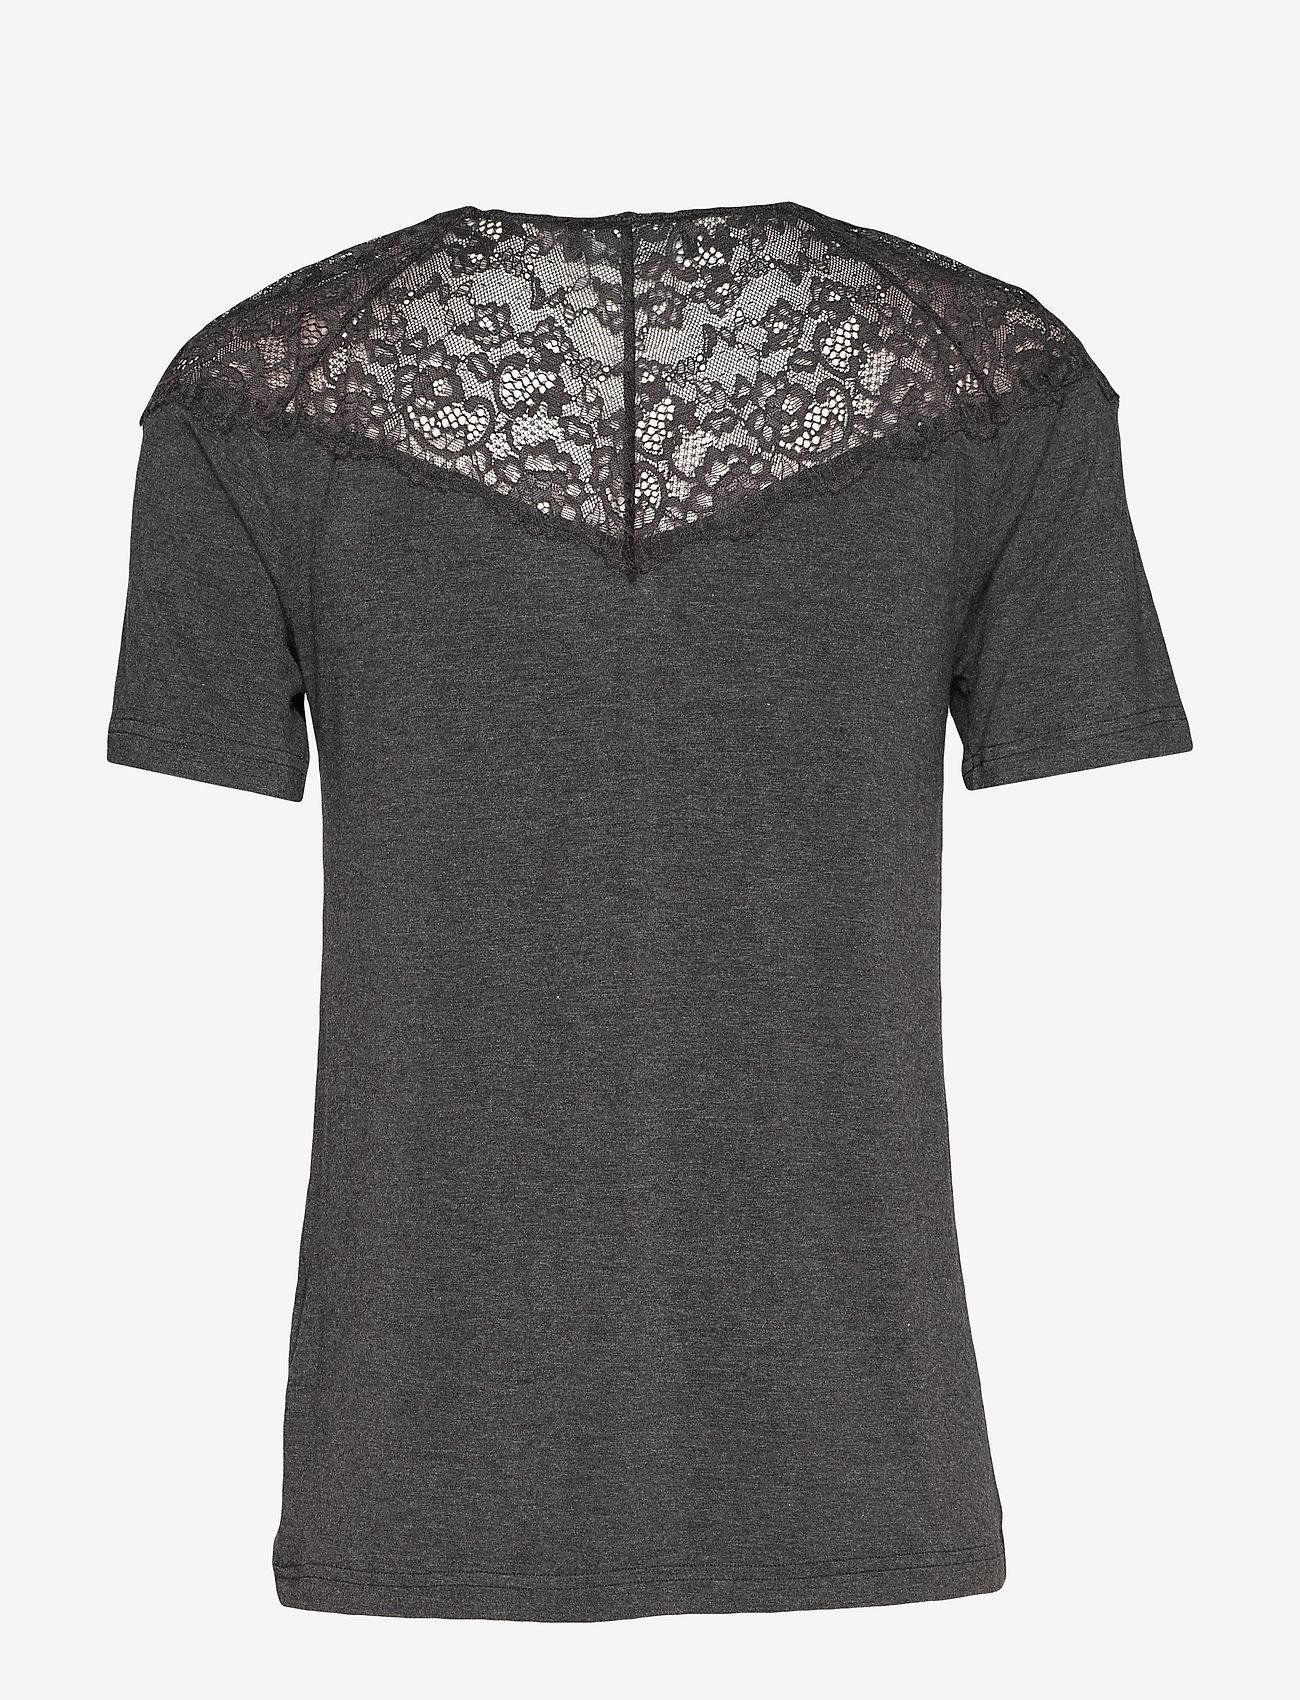 T-shirt Ss (Slate Grey) - Rosemunde ocbq1S